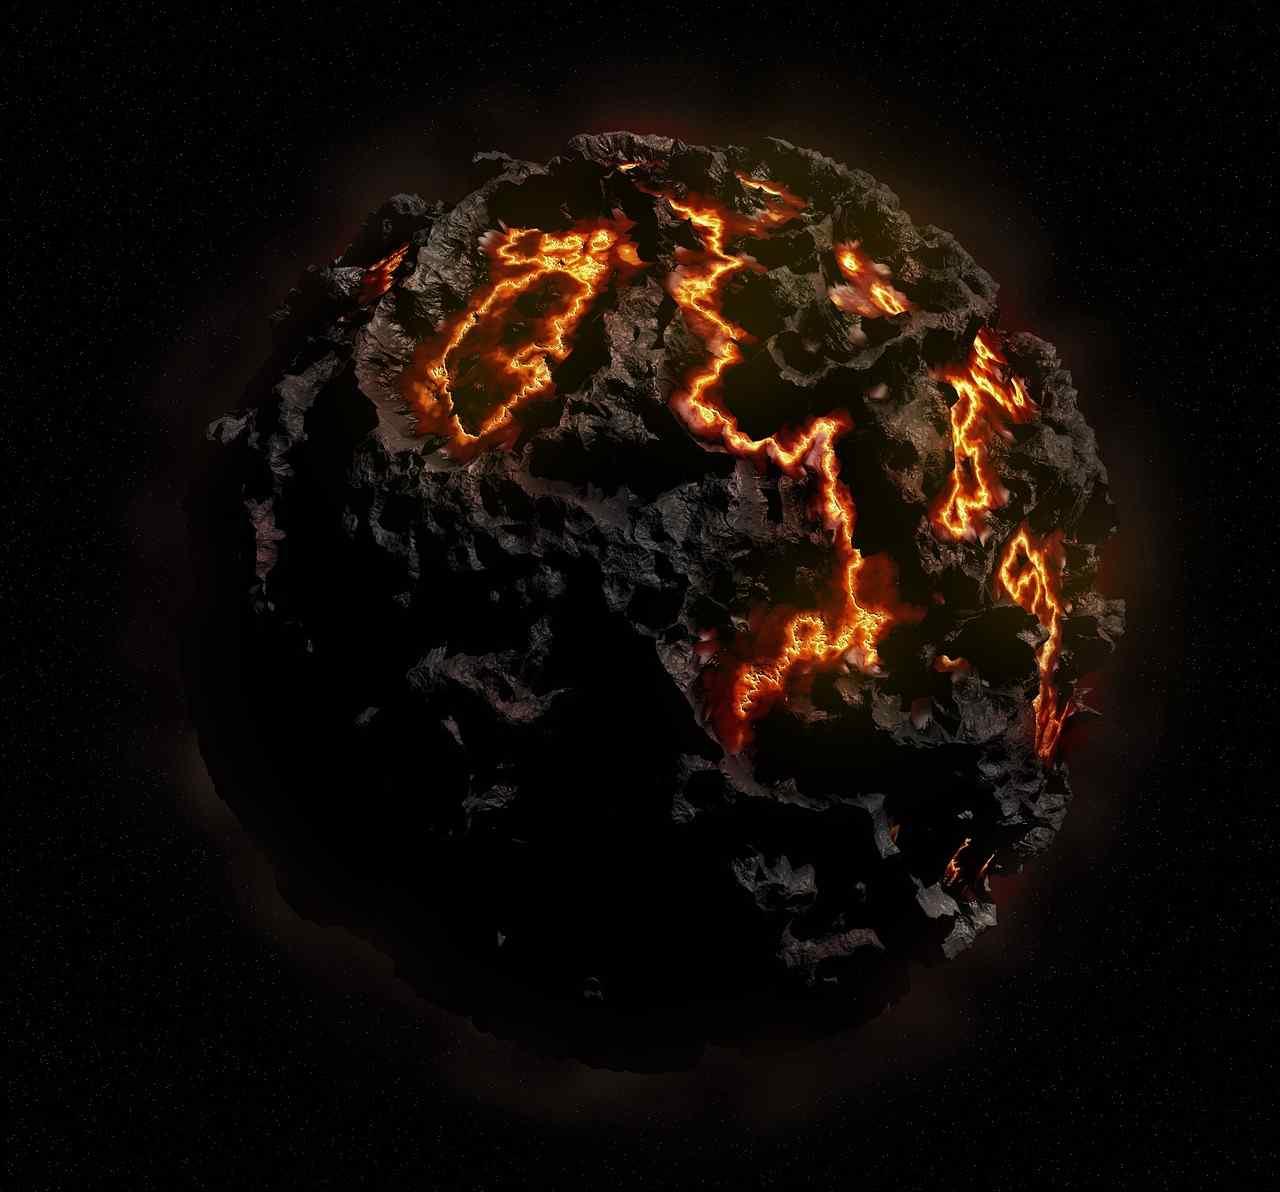 planet, apocalypse